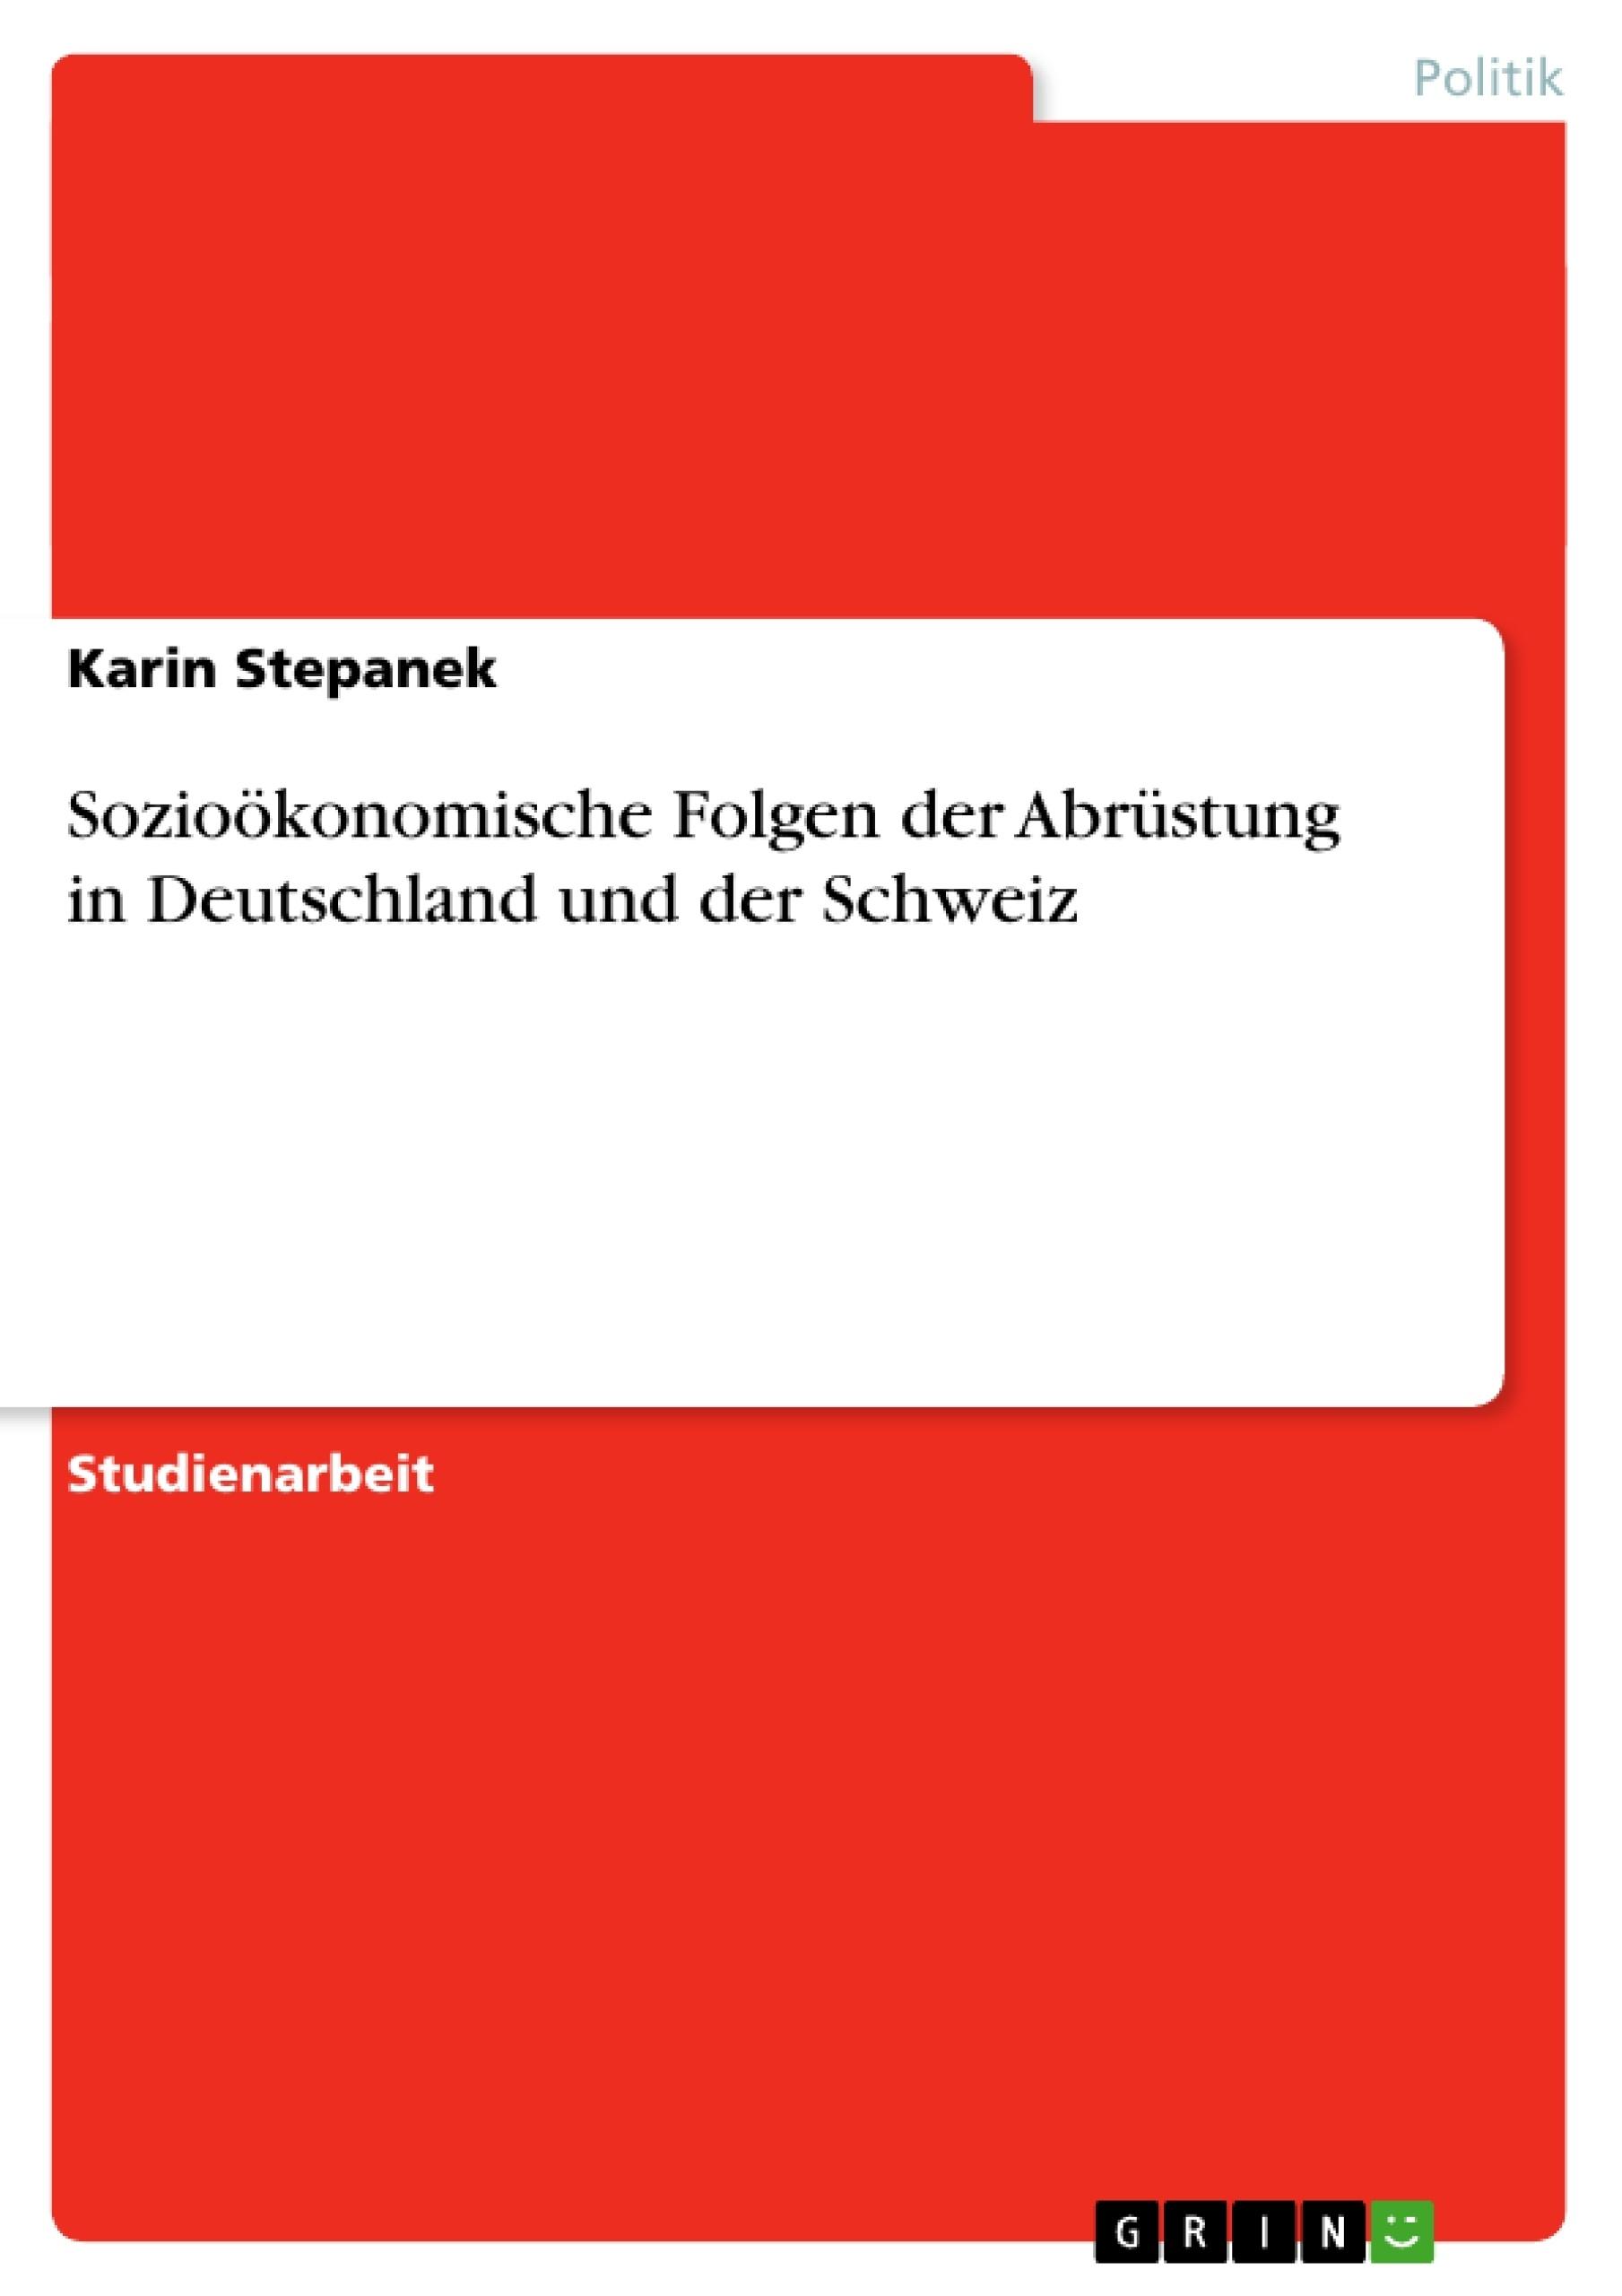 Titel: Sozioökonomische Folgen der Abrüstung in Deutschland und der Schweiz